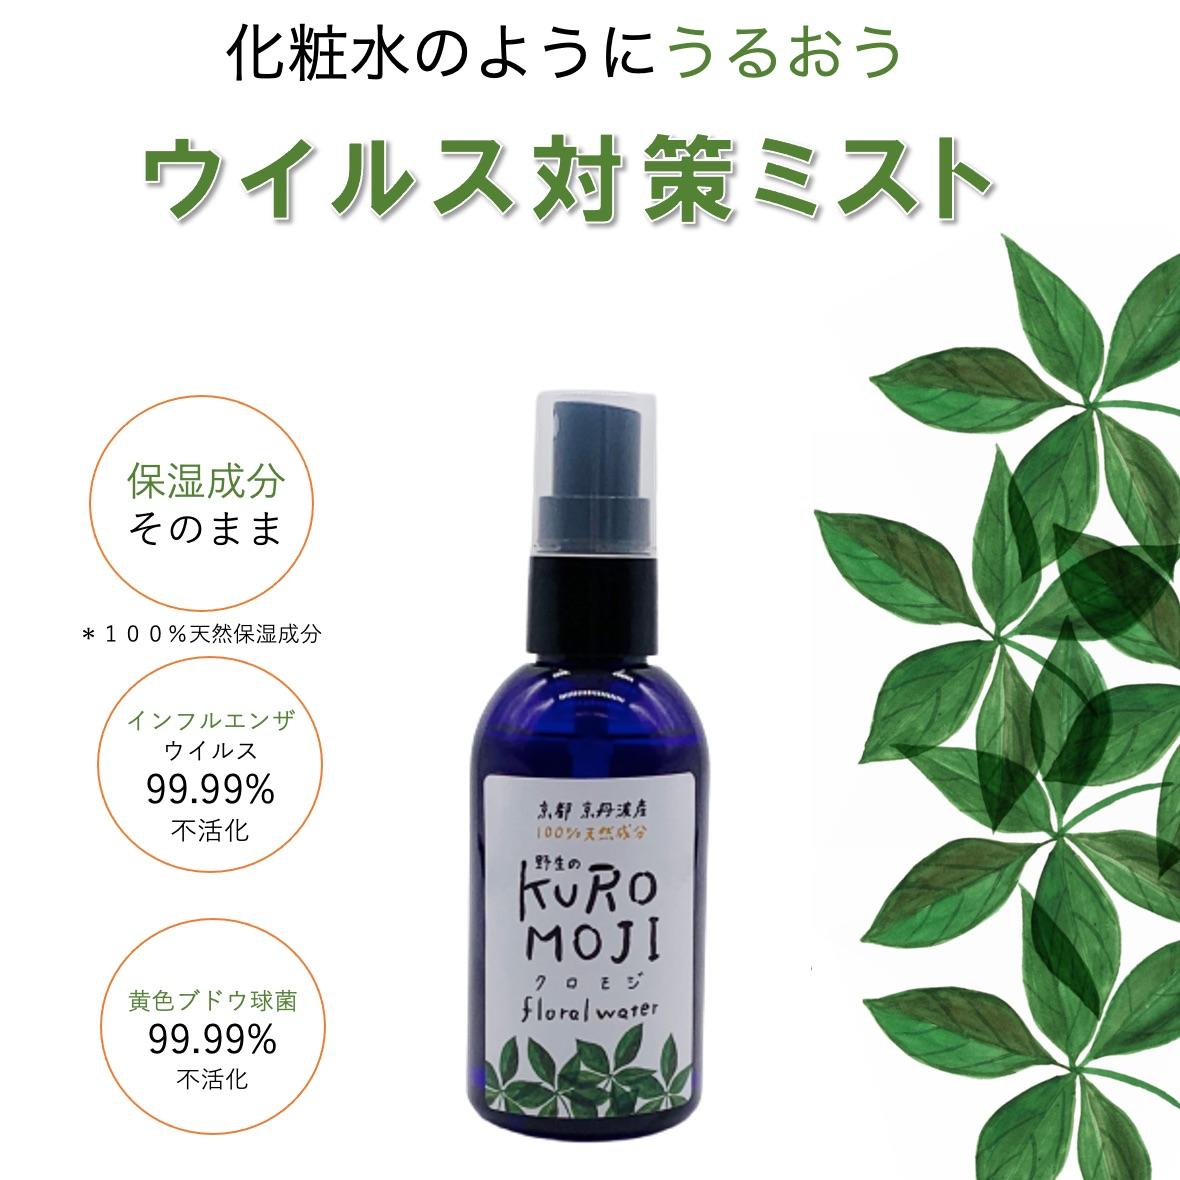 【クロモジ ウォーター 100ml】京都丹波産、野生植物クロモジ 100%「ウイルス対策ミスト」